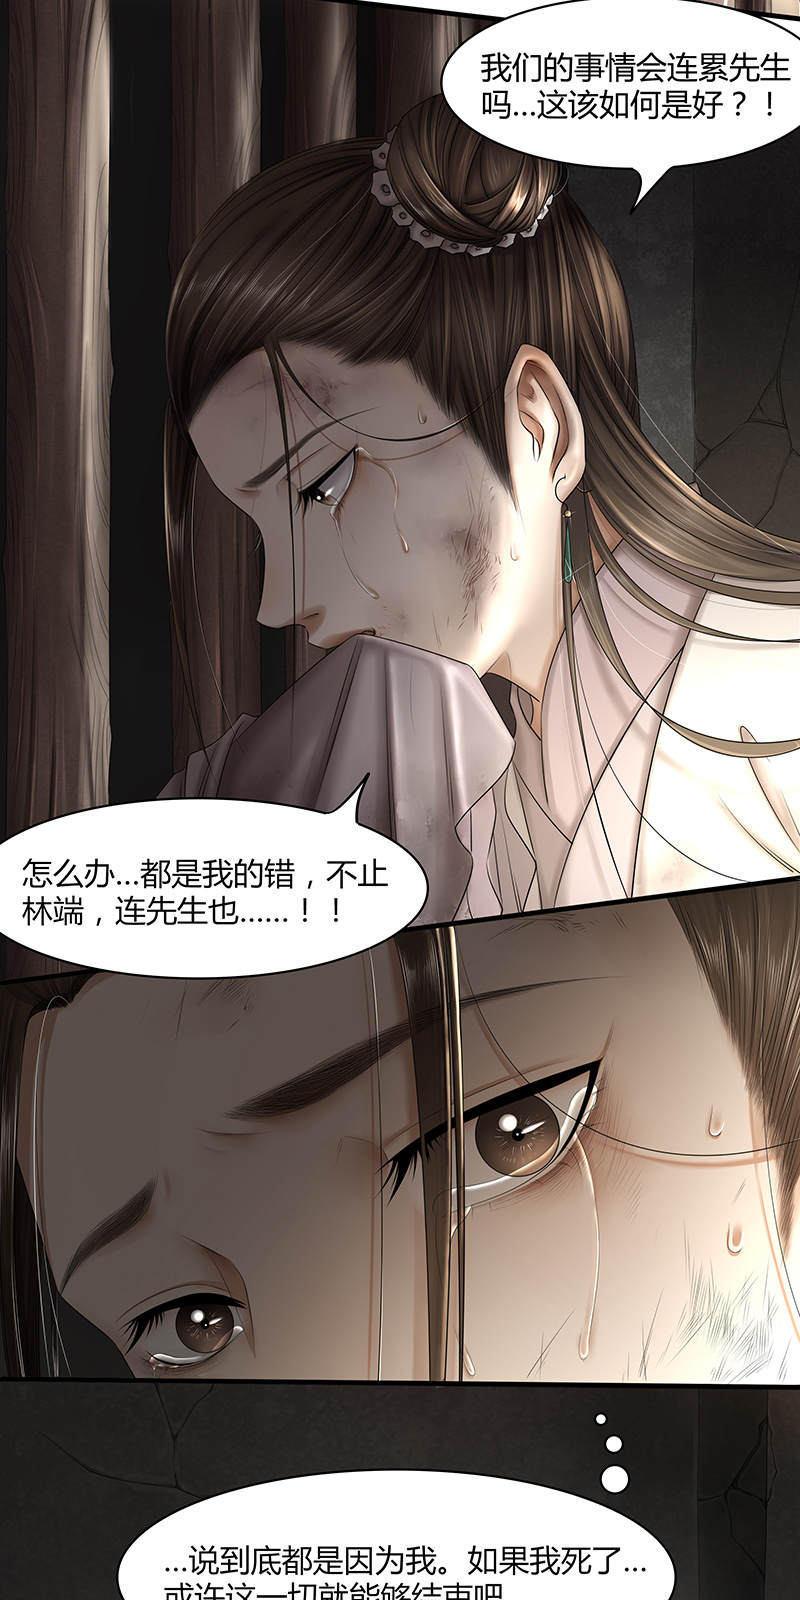 画骨女仵作第34话  昭雪 第 4